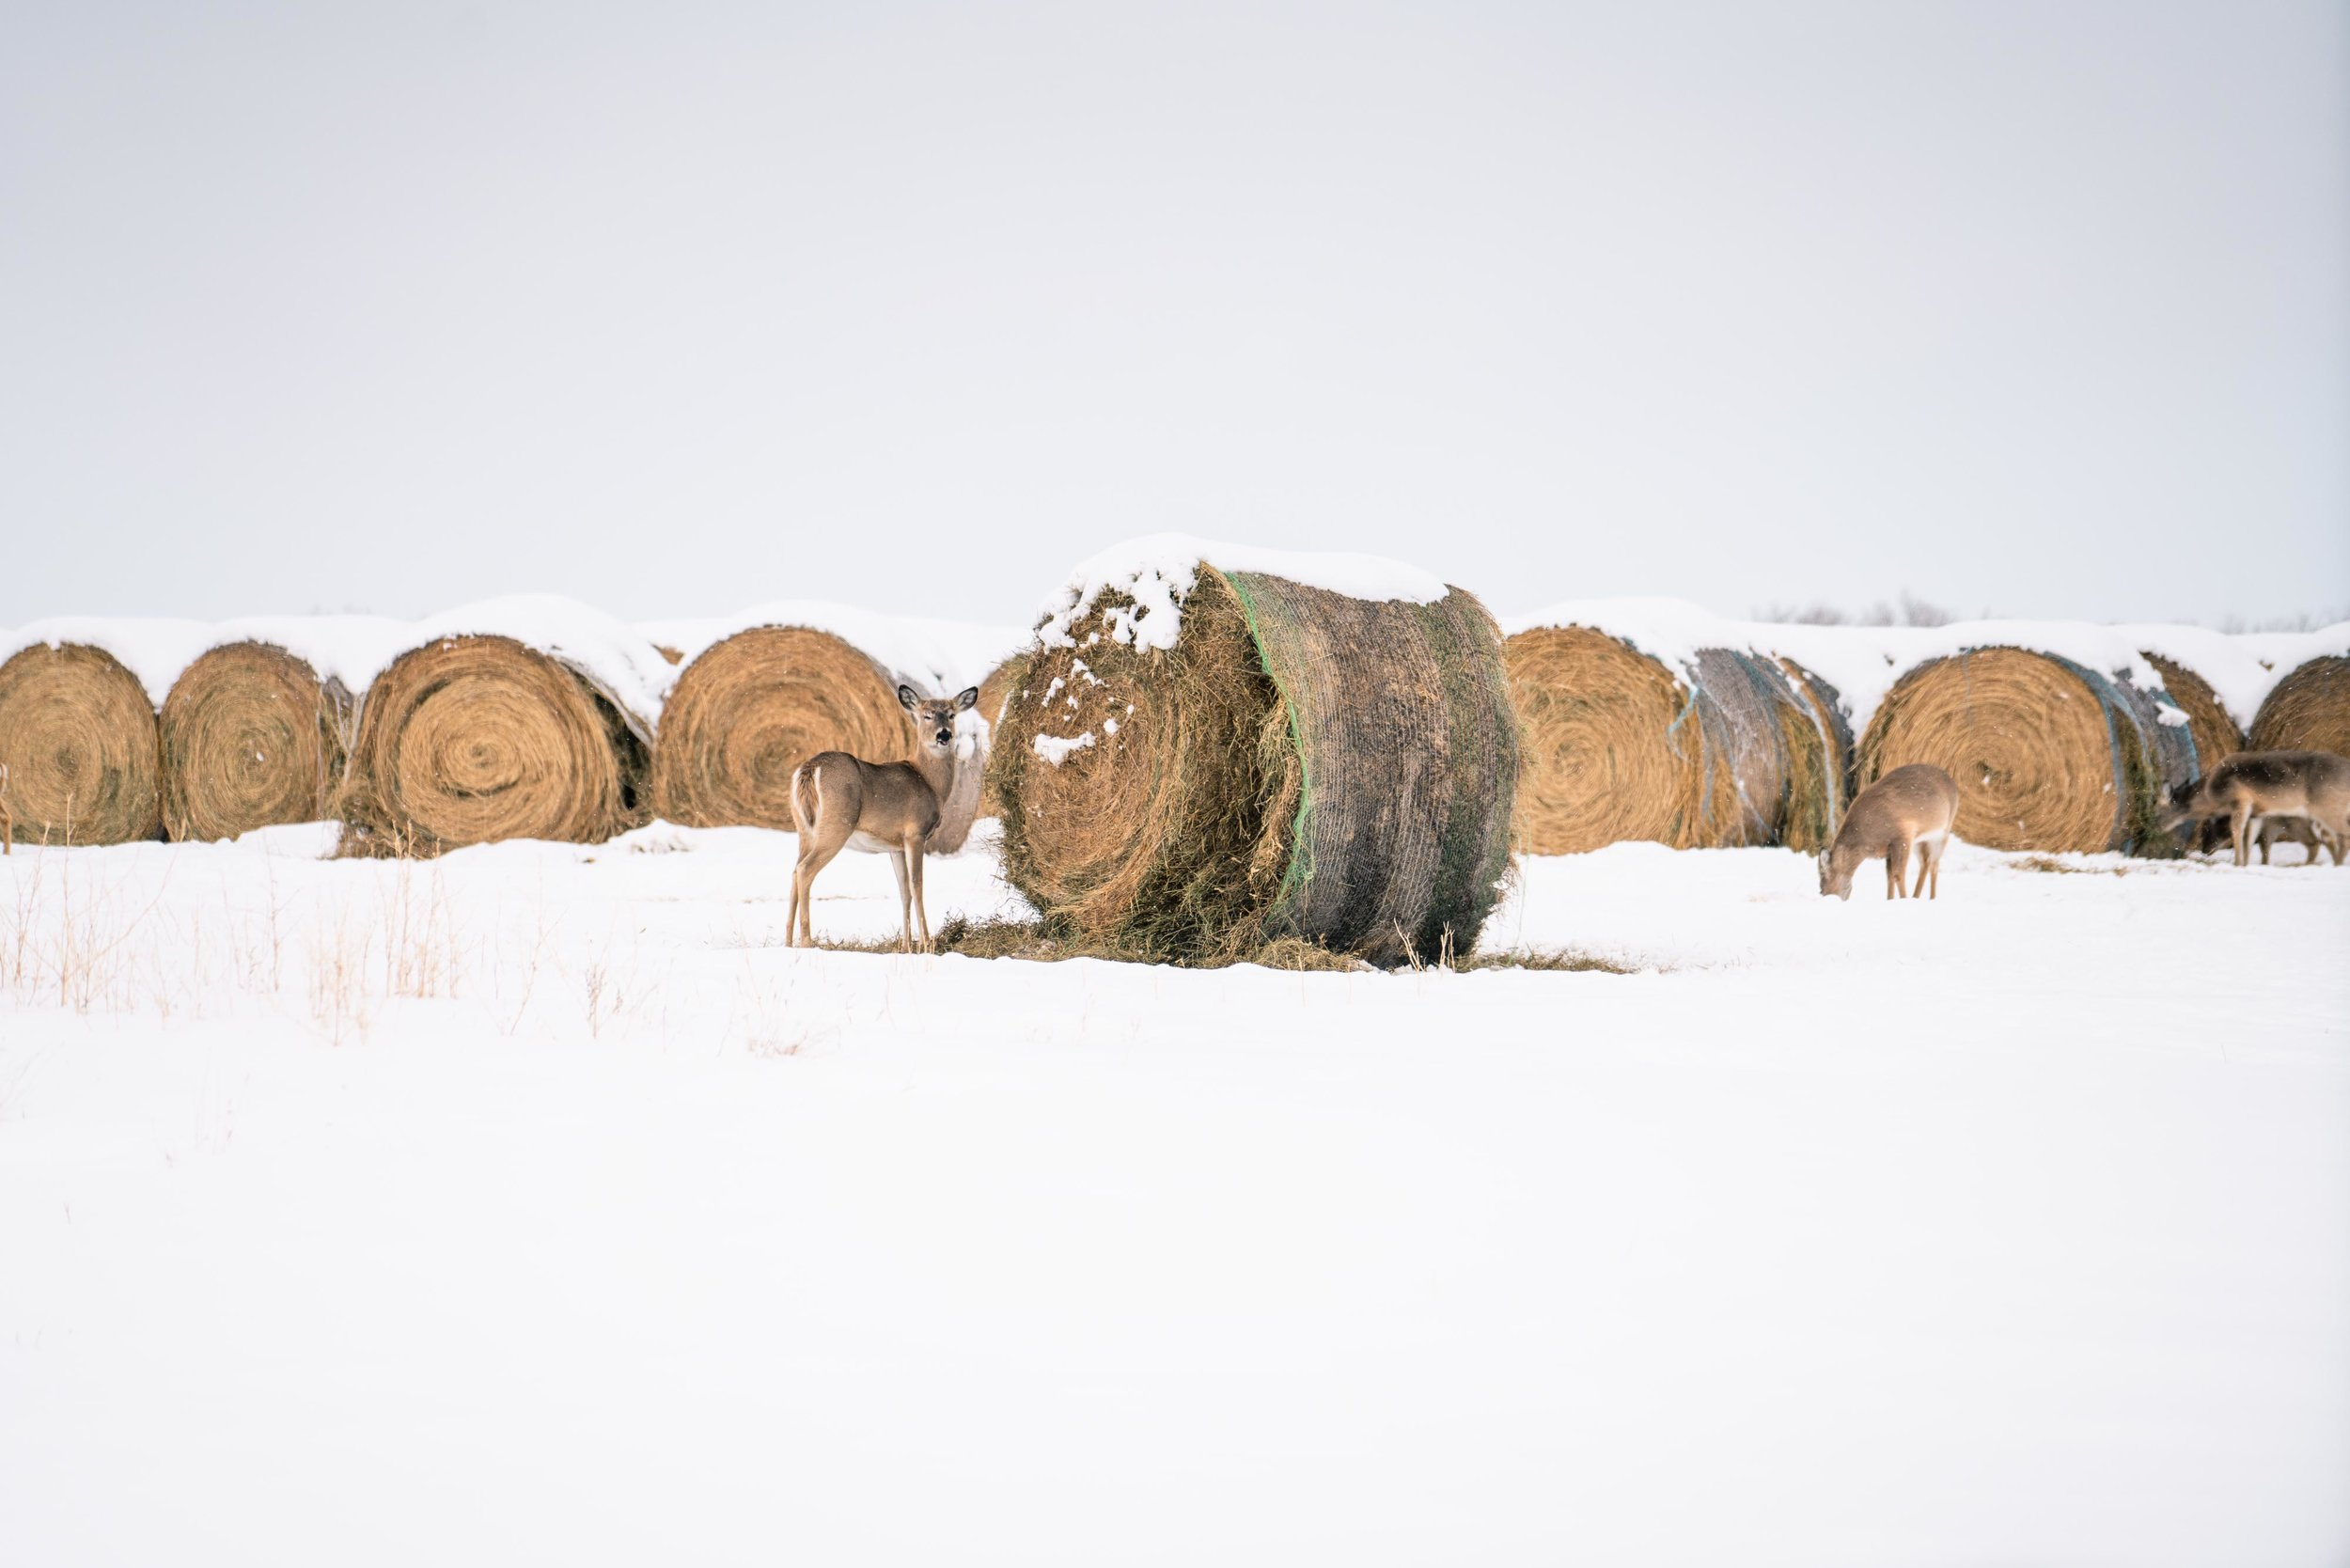 Deer eating hay bales during winter.